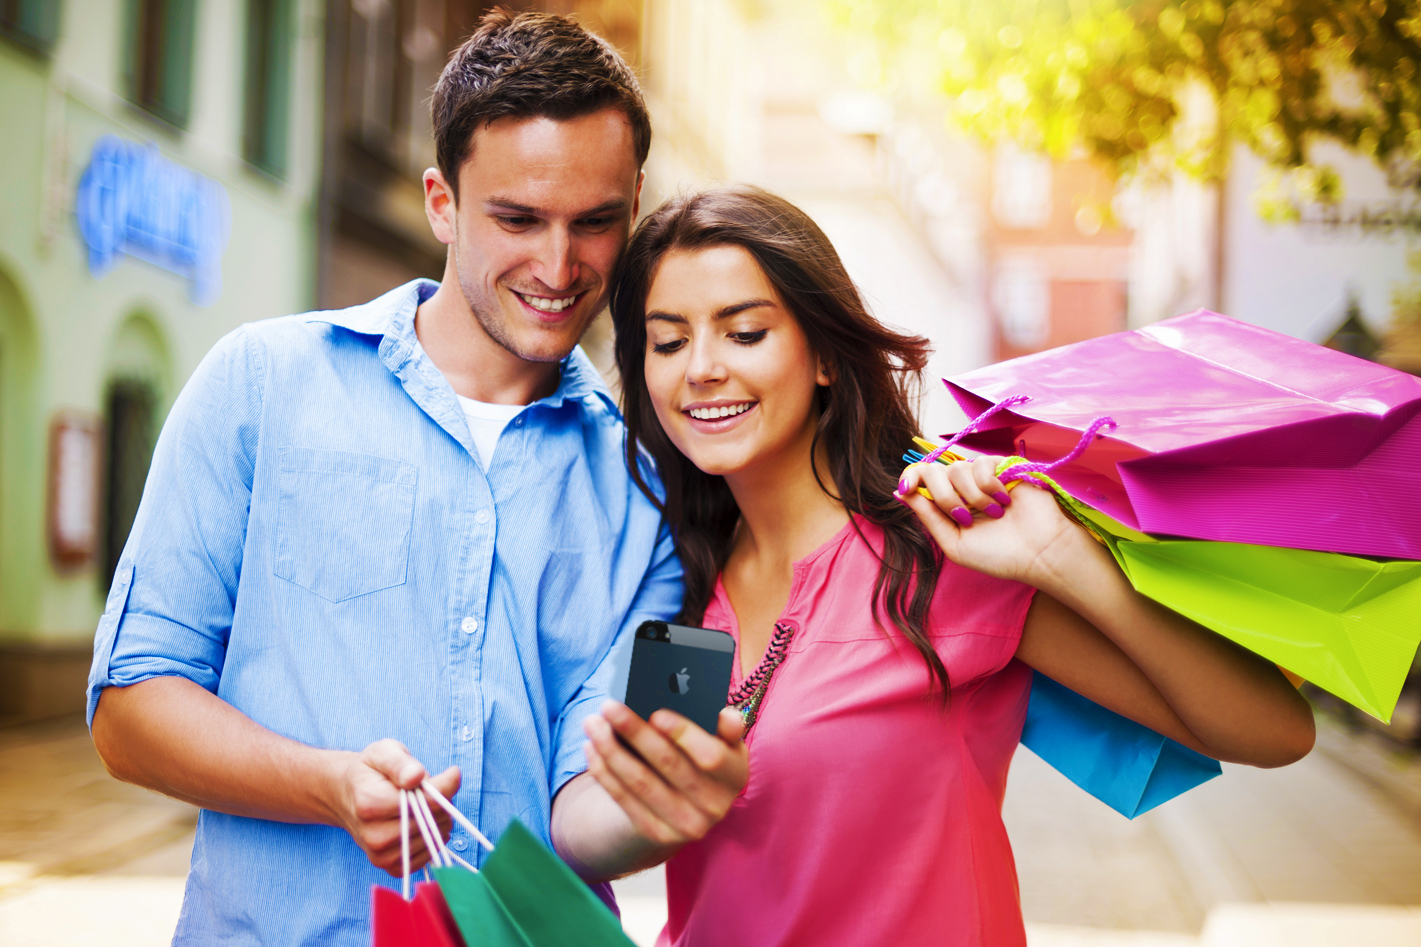 femme et homme en séance shopping regardant un téléphone